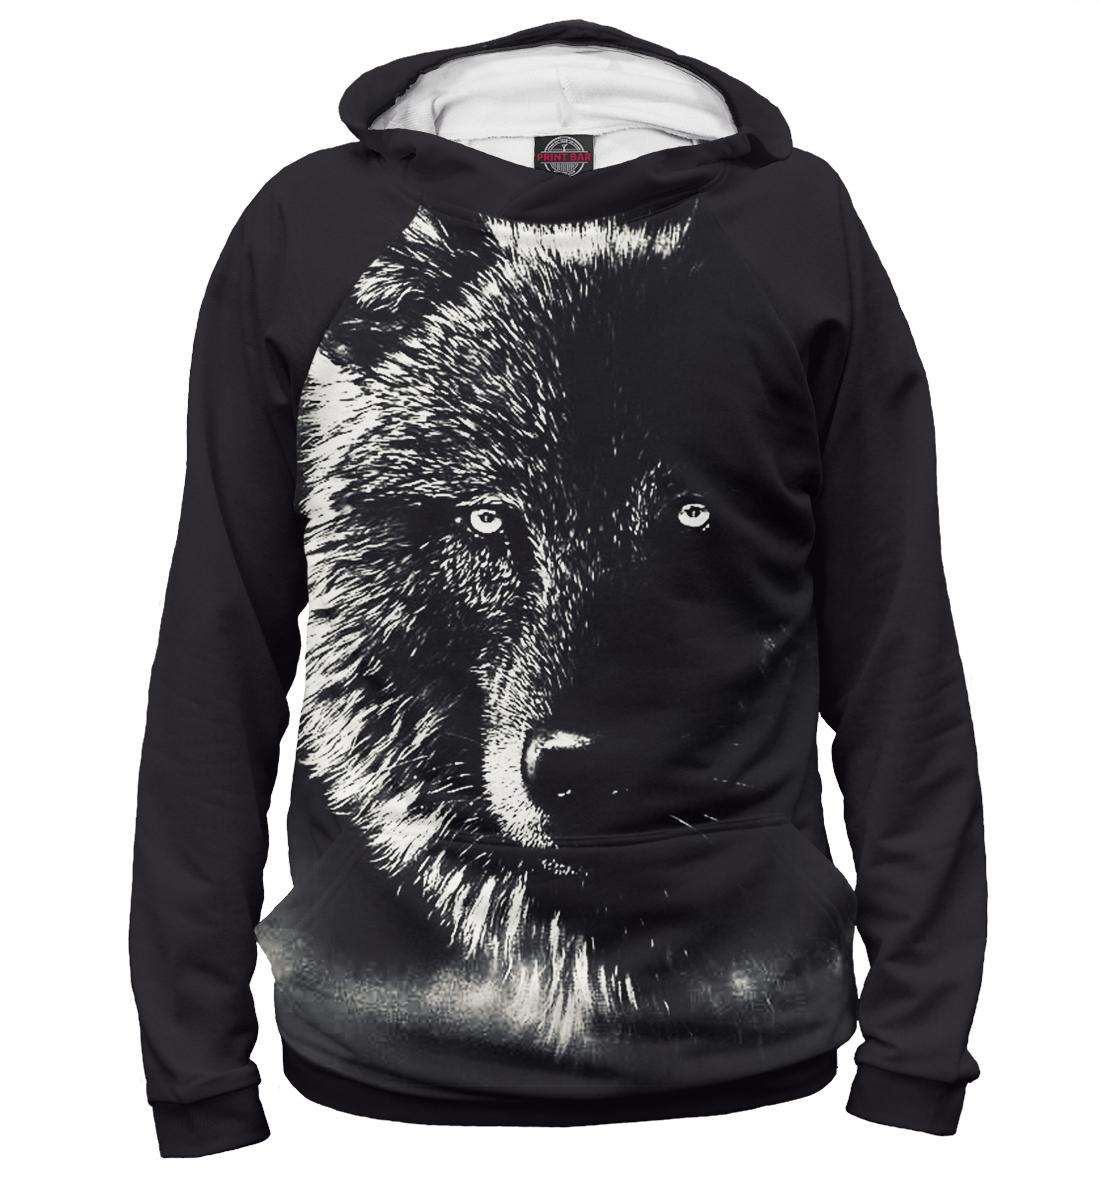 Купить Черный Волк, Printbar, Худи, VLF-586949-hud-1